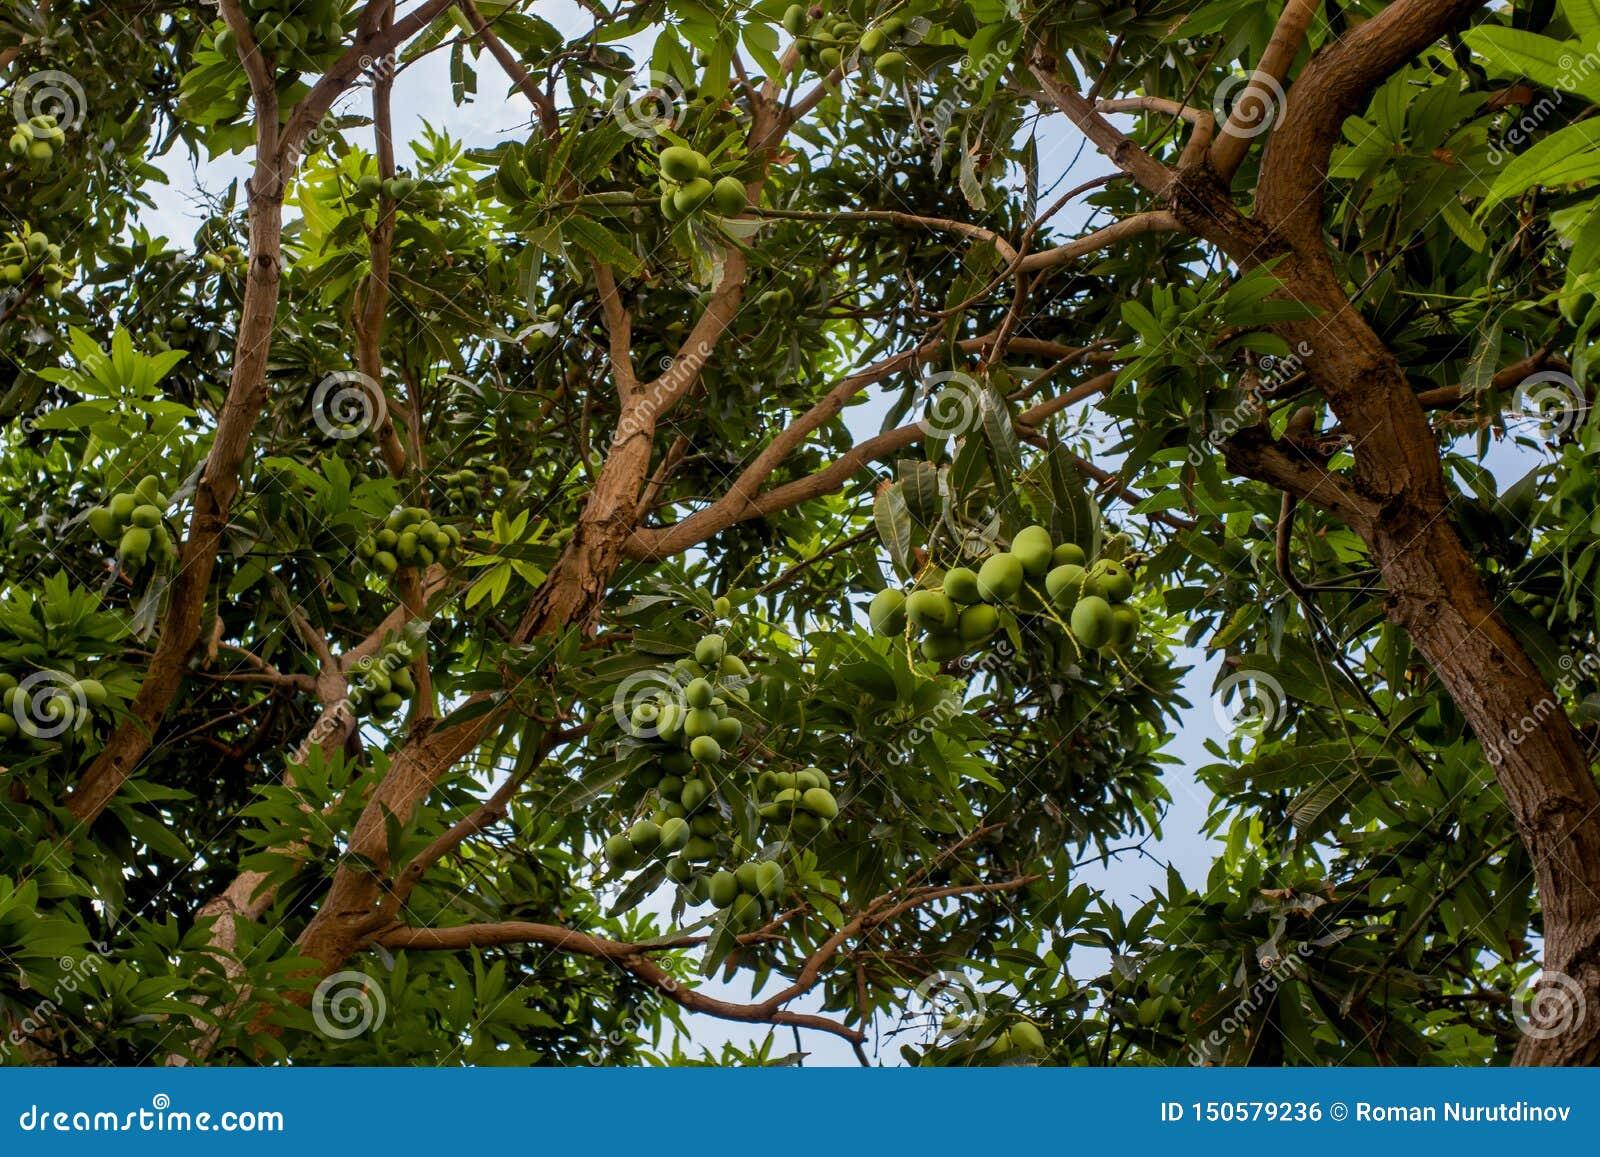 Árvore com frutos verdes da manga